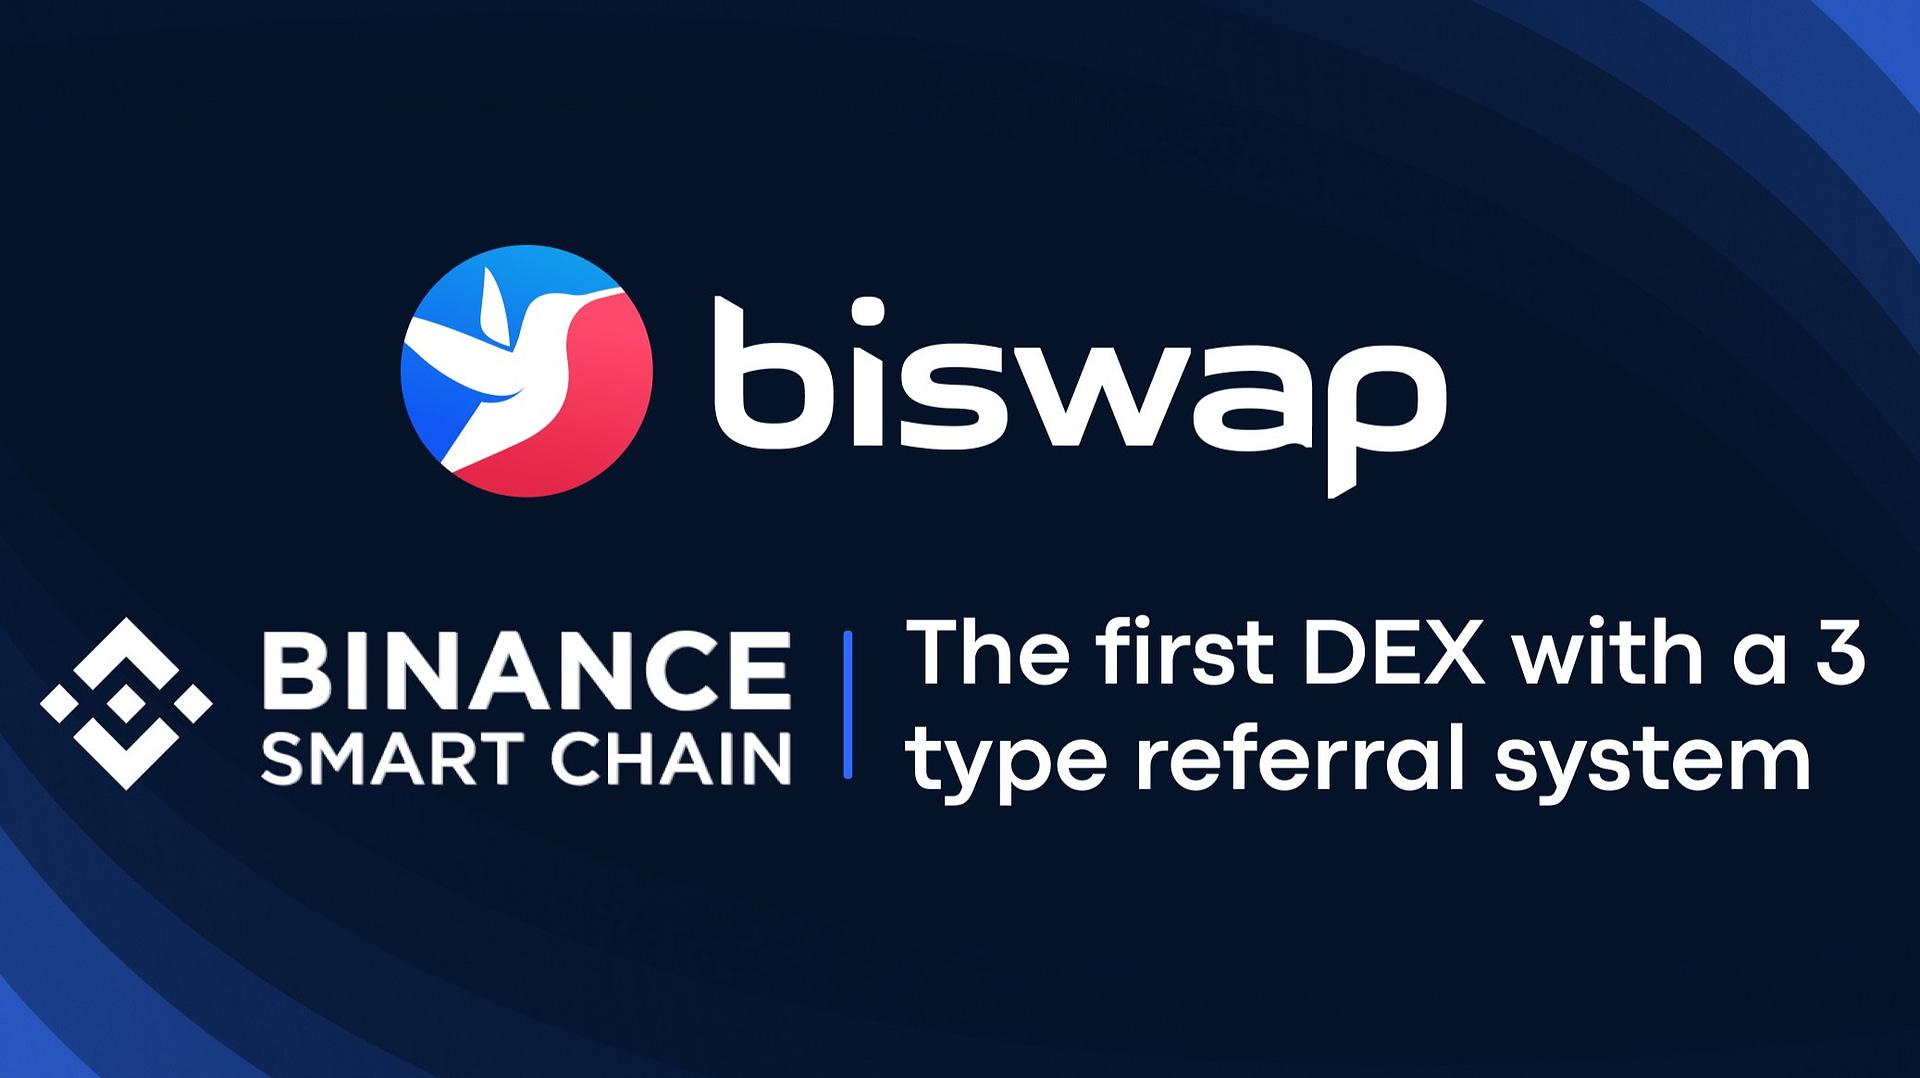 biswap